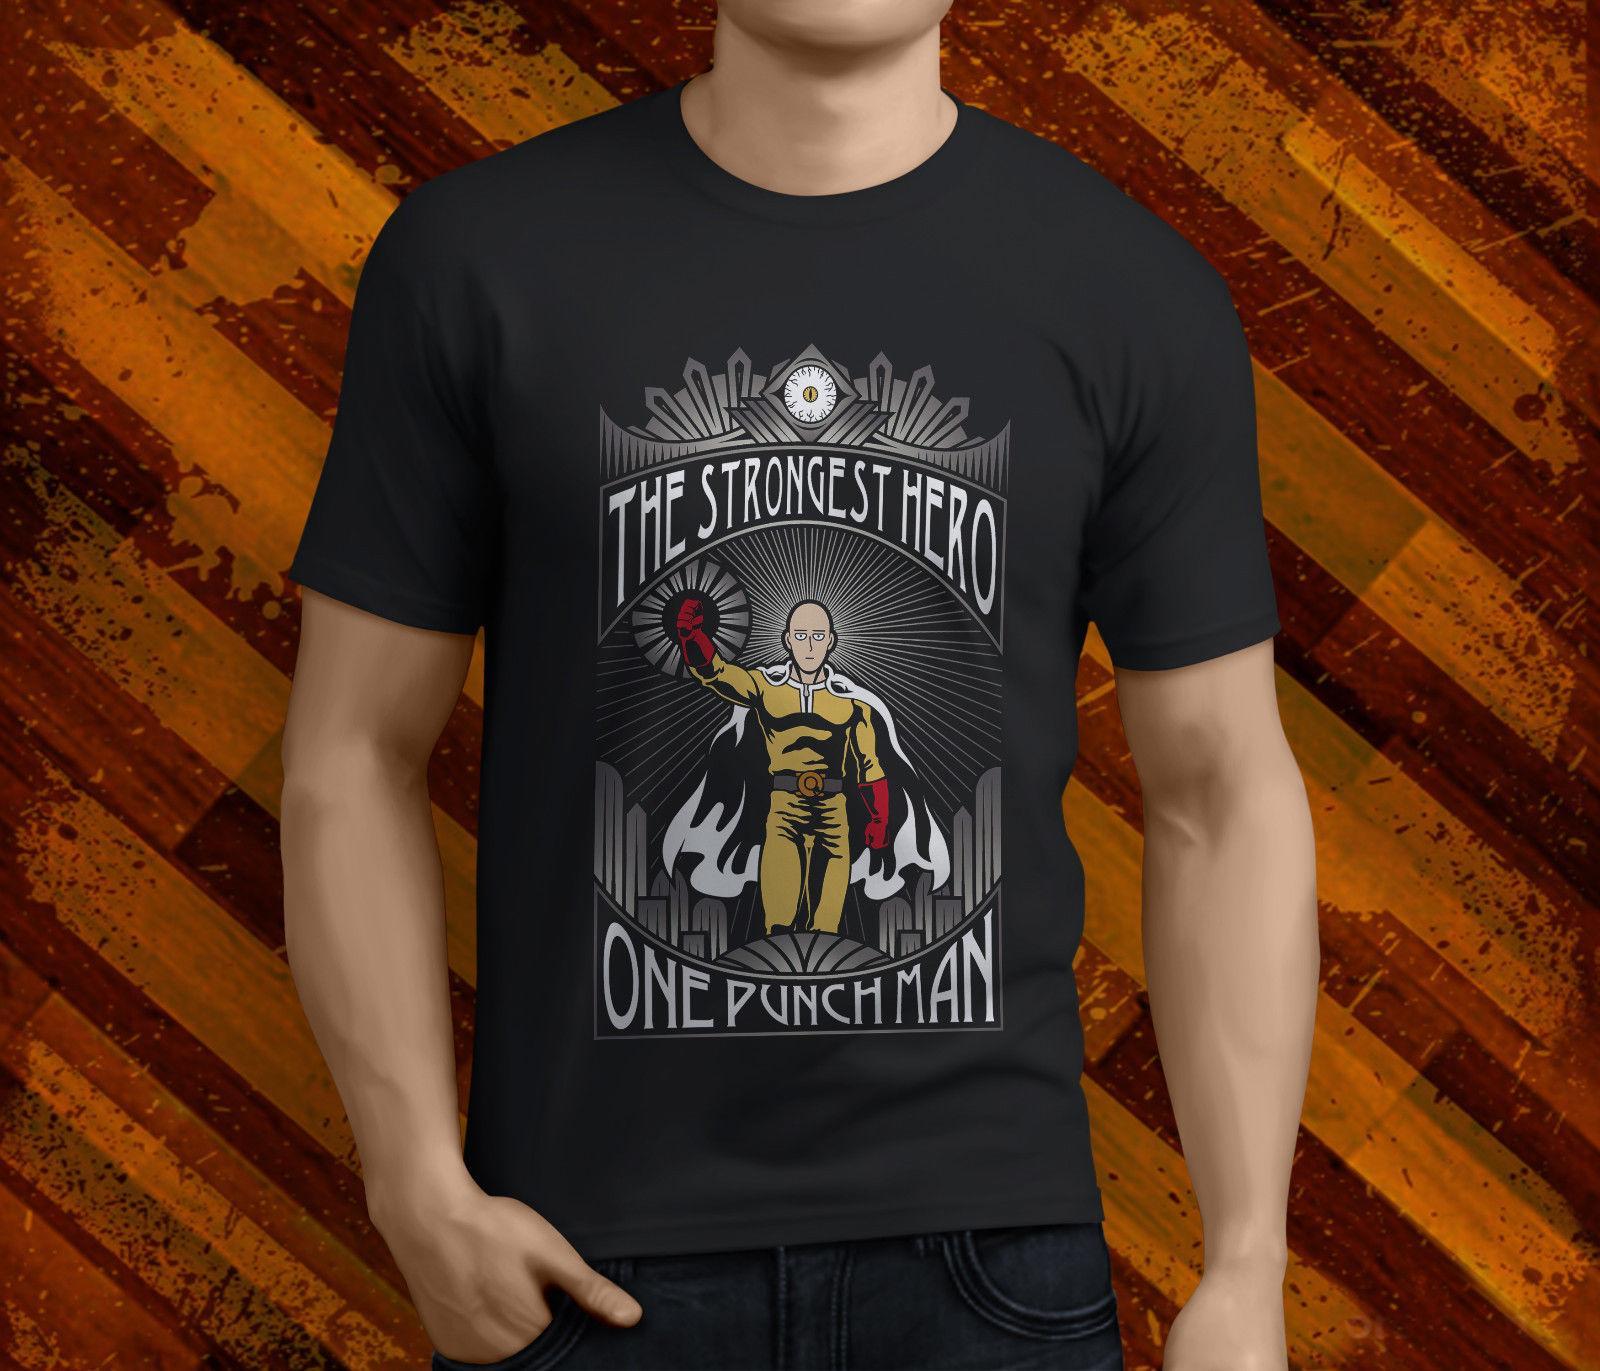 Новые Популярные Один Удар Man Панч Mens Black T-Shirt S-3XL 100% хлопок футболки Марка одежда Топы Тис O-образным вырезом Стильная